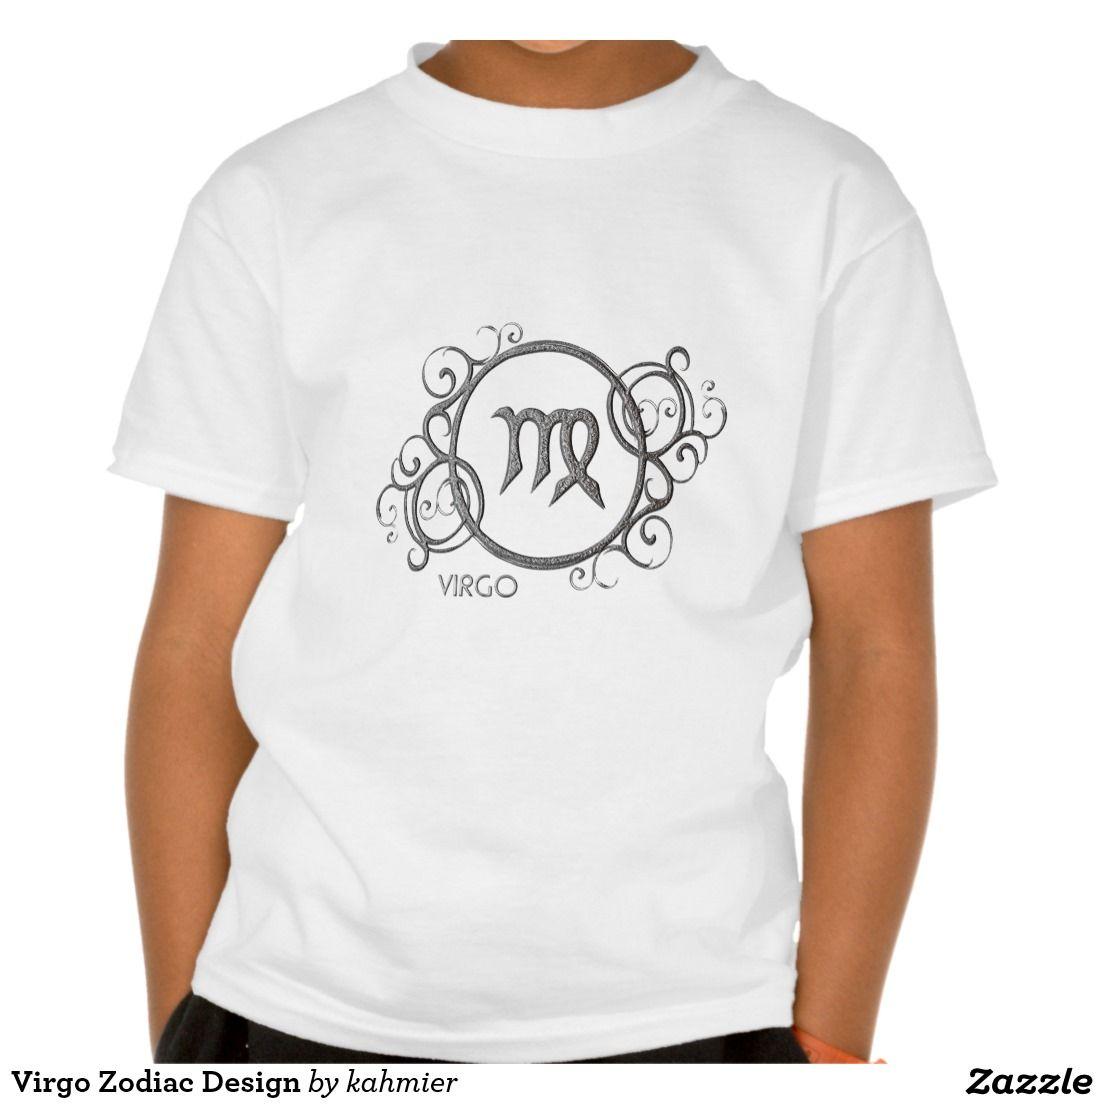 Virgo Zodiac Design Tees